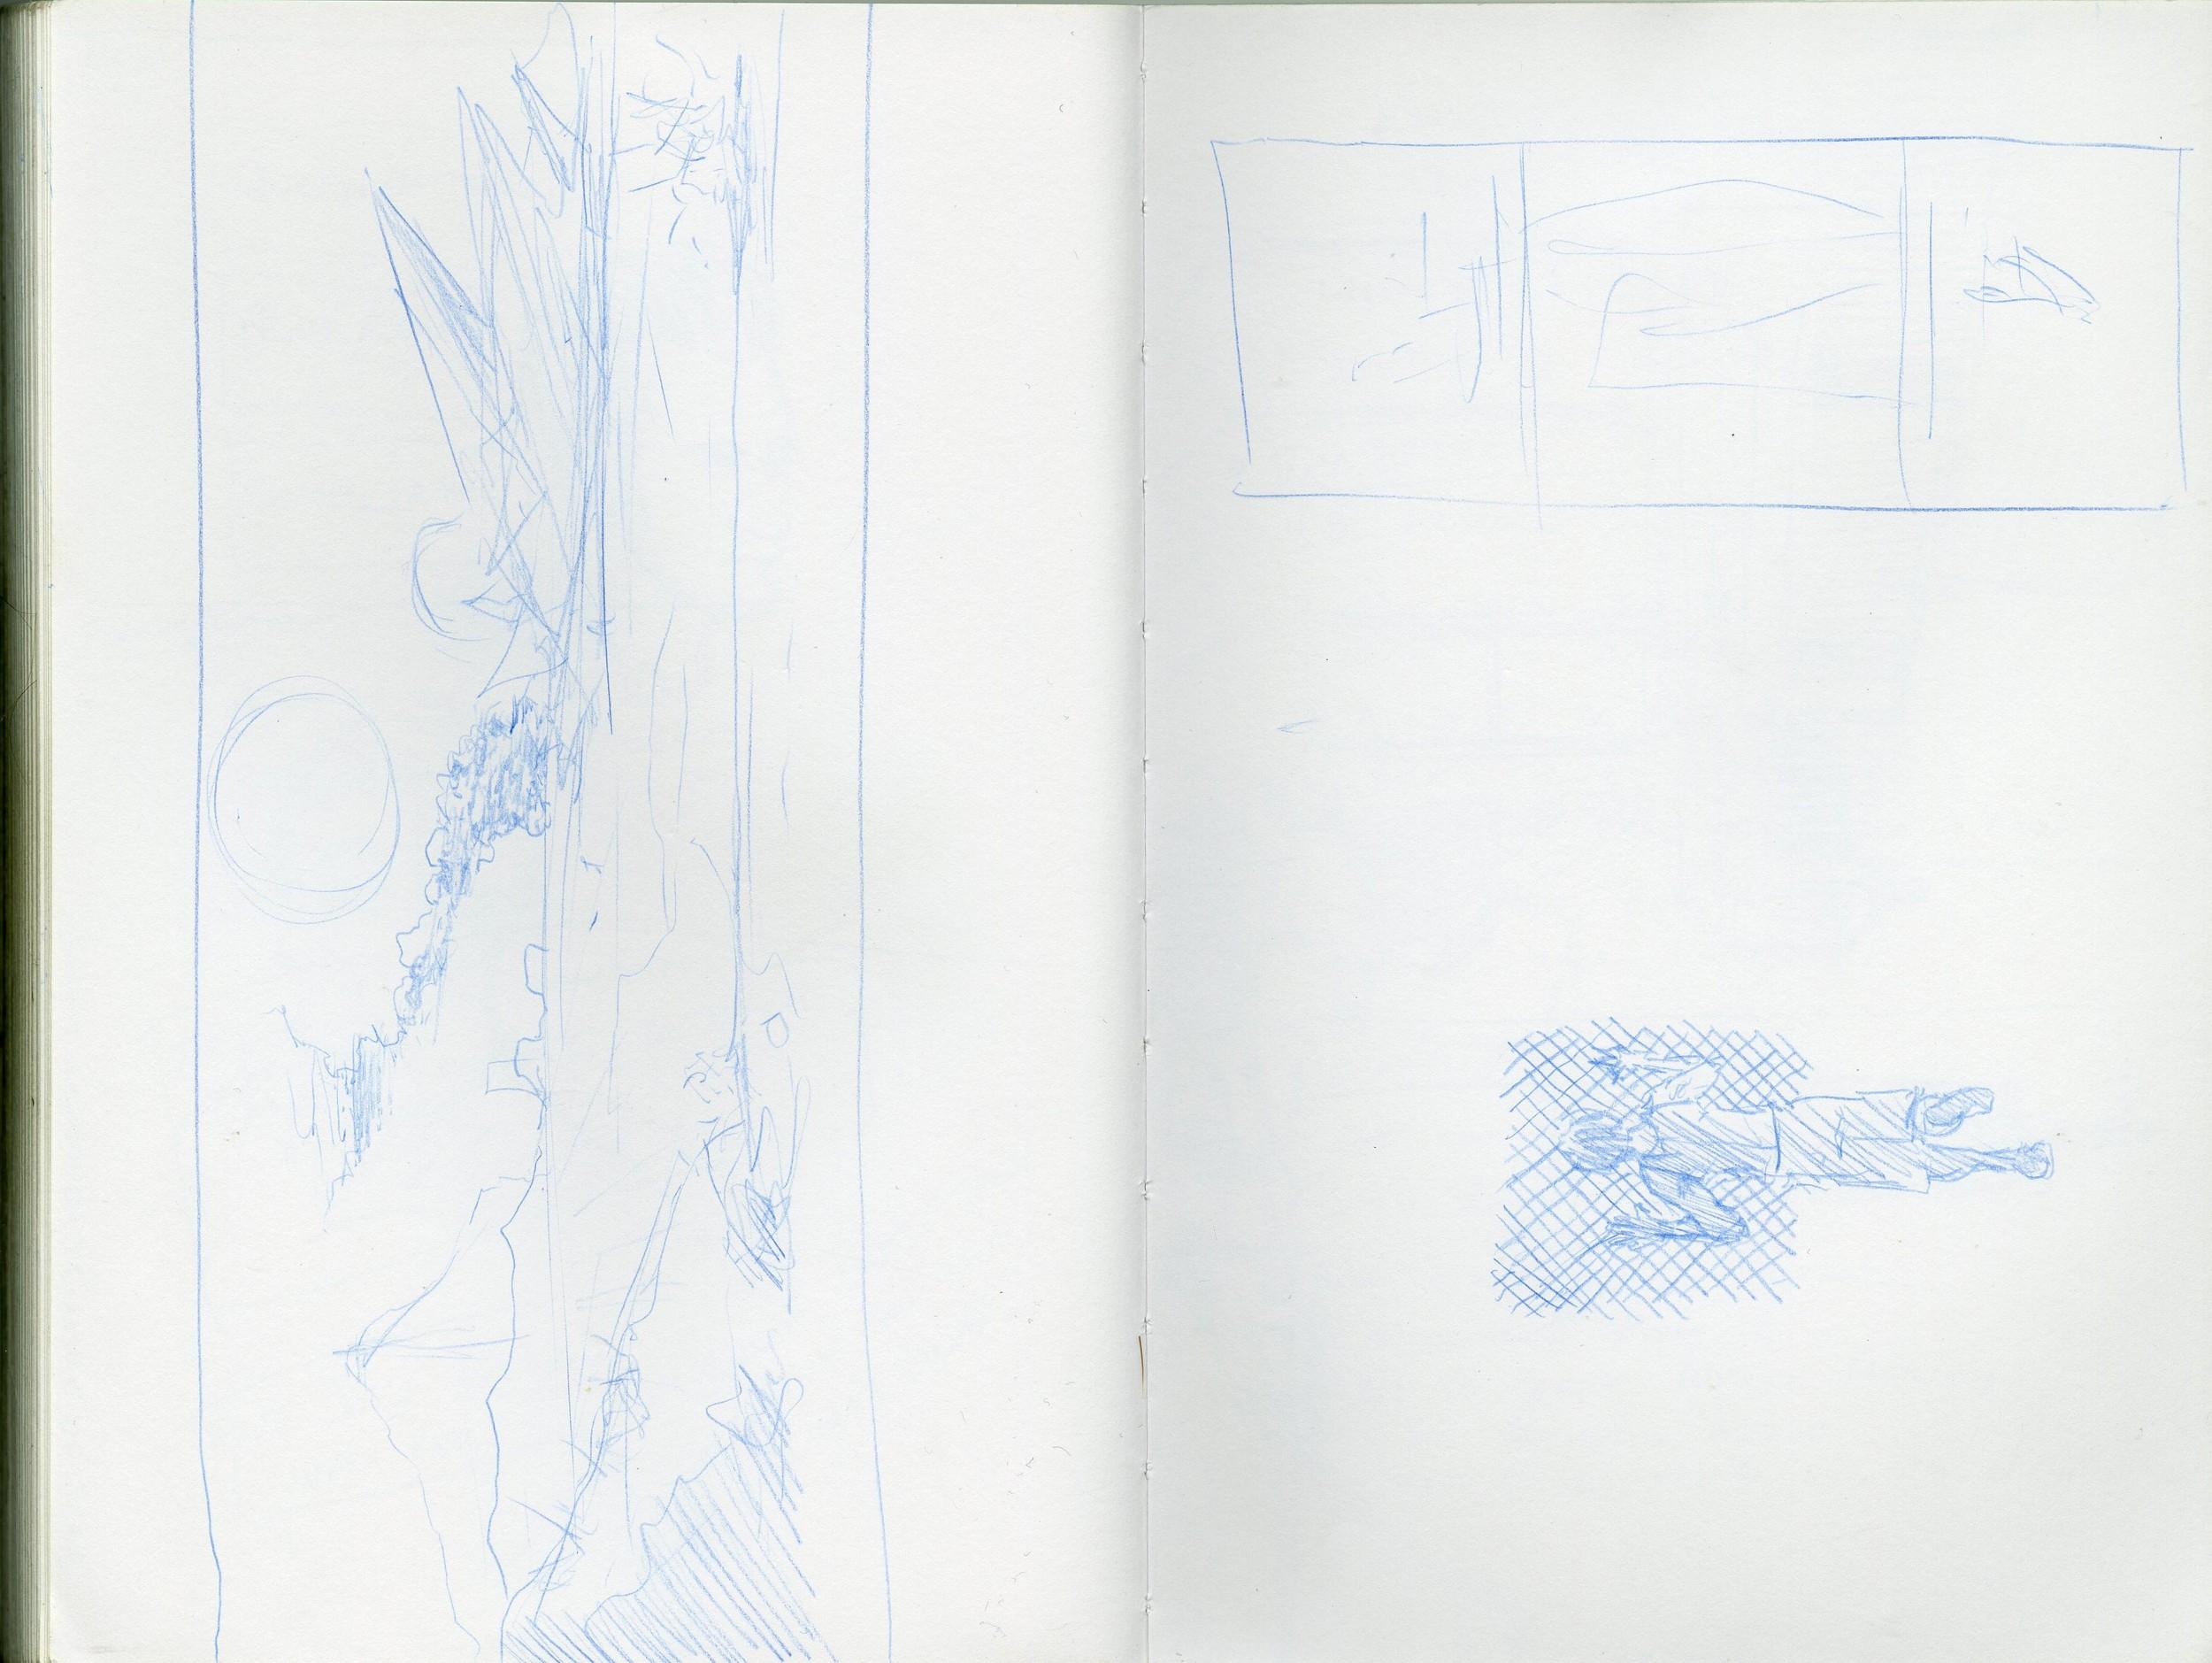 SketchbookScan138.jpg